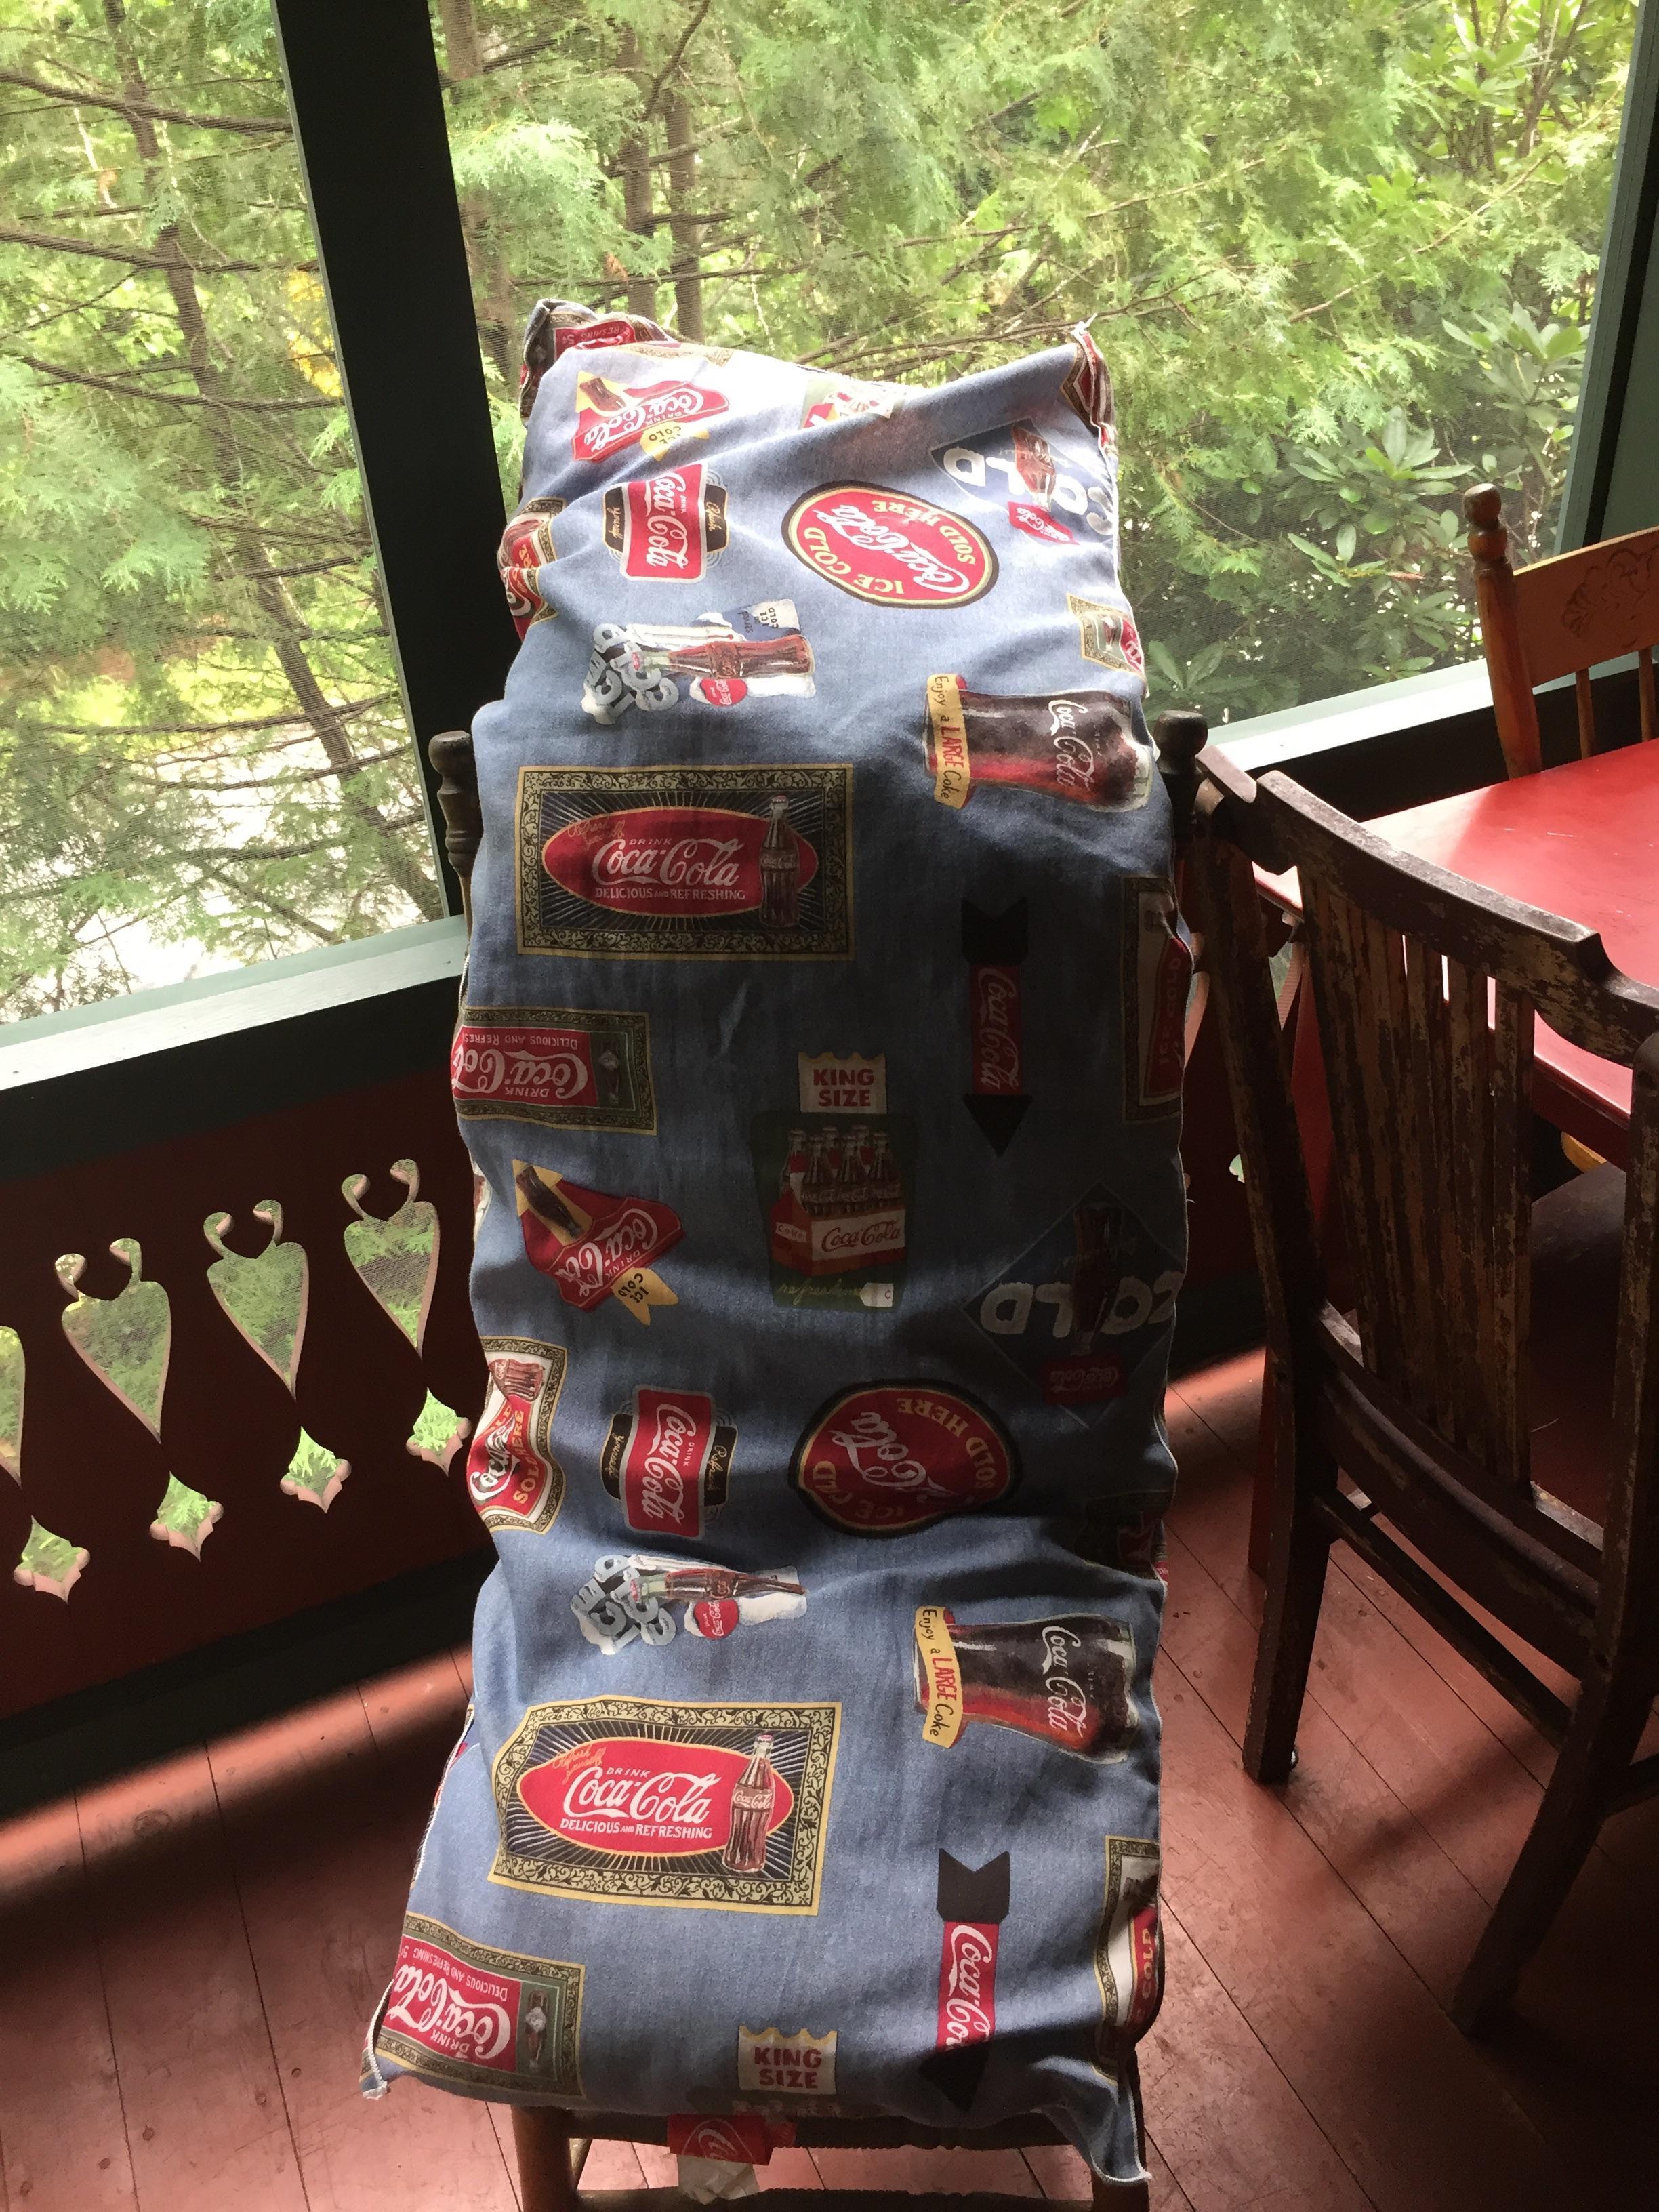 a coca cola body pillow